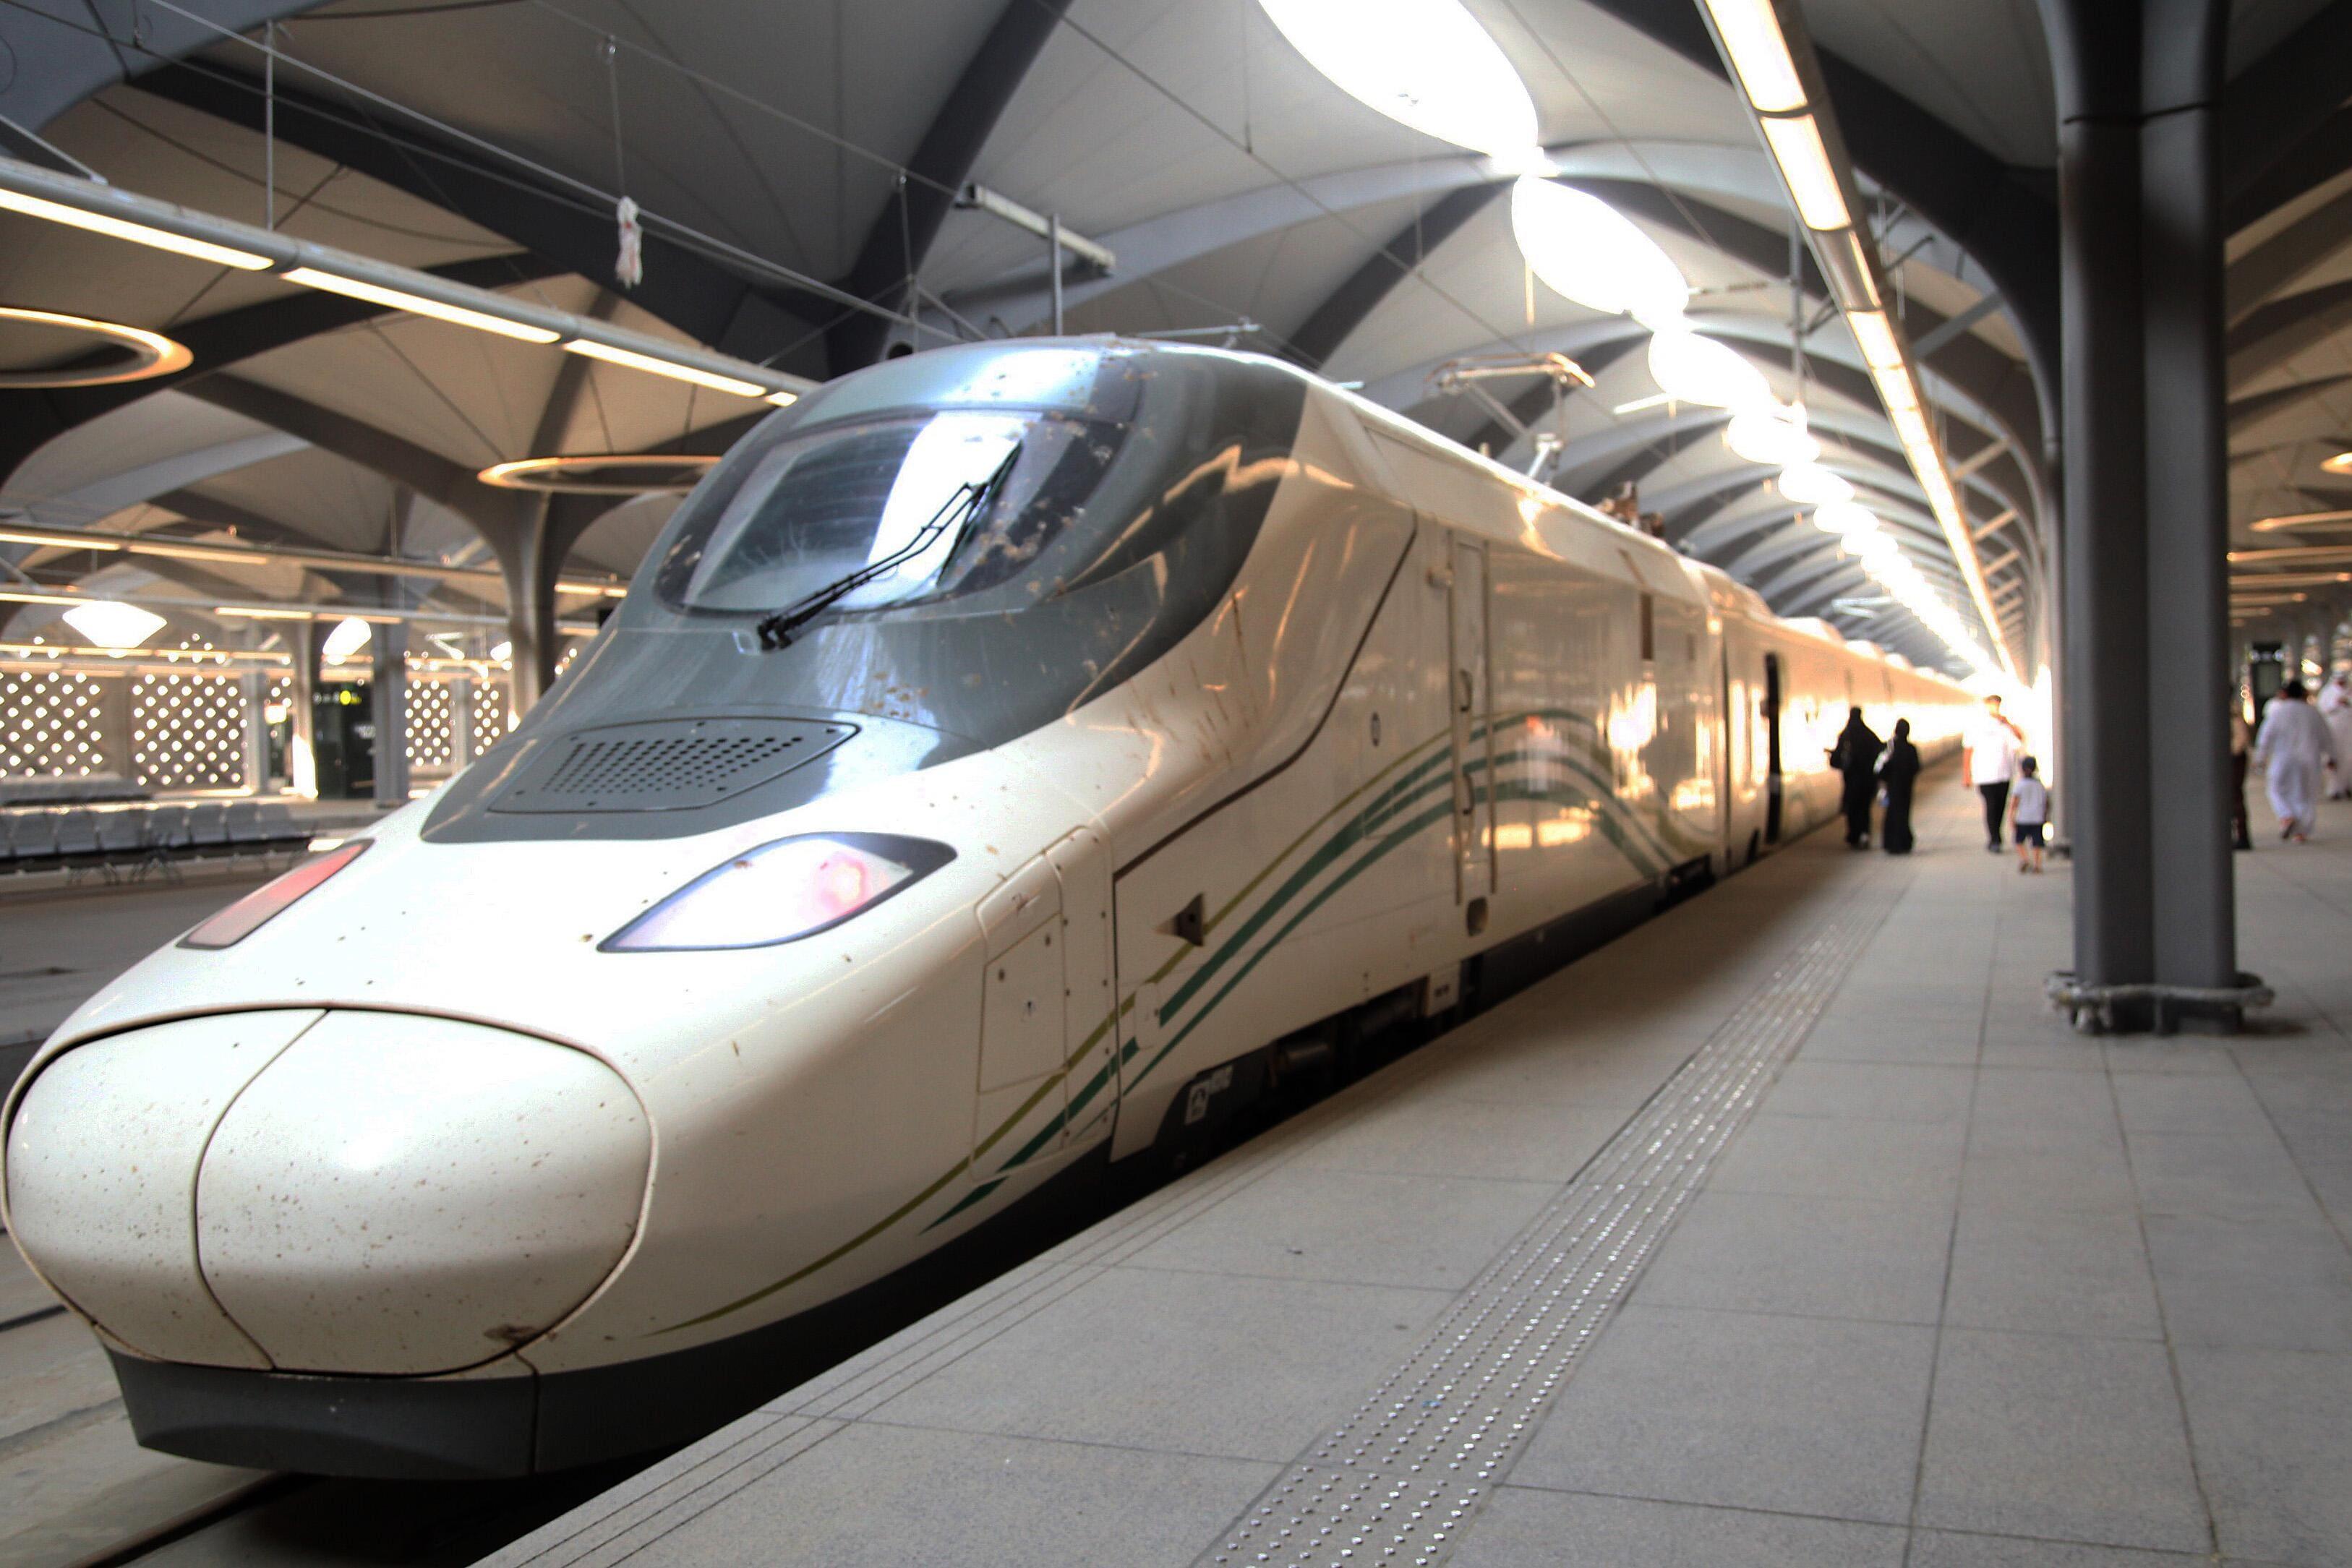 Trem de alta velocidade atinge velocidades de mais de 300 km/h